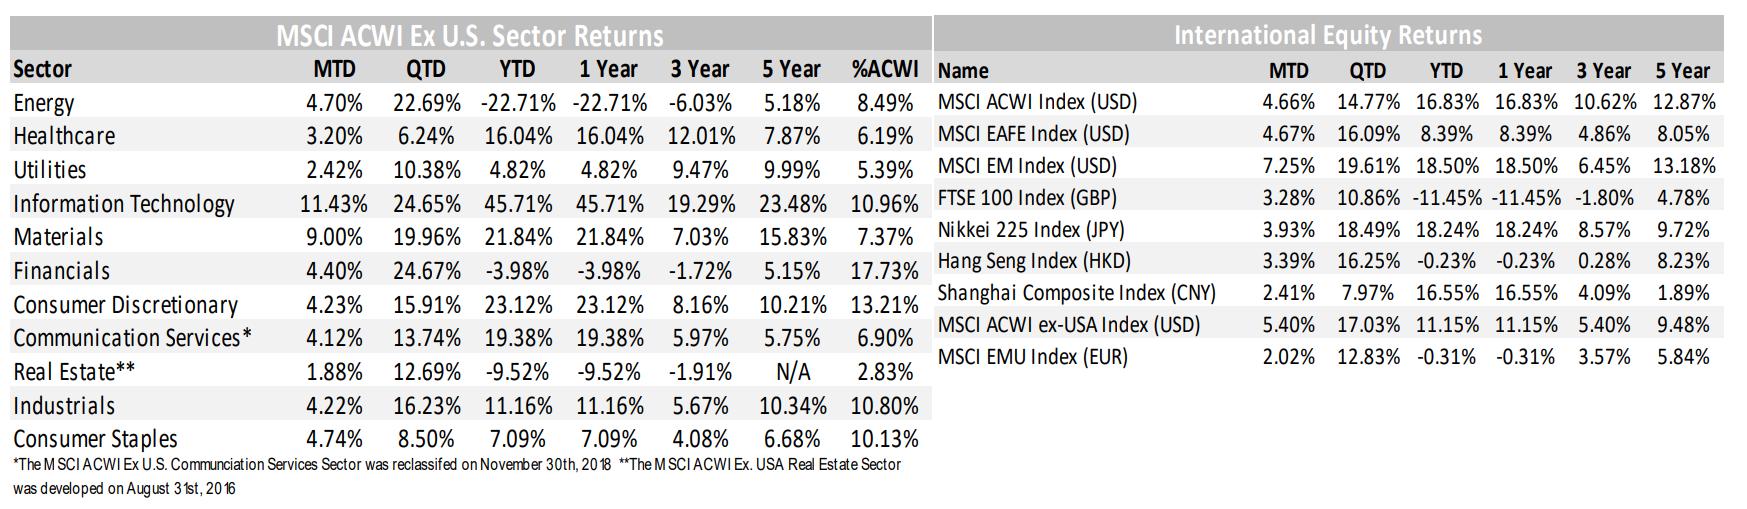 MSCI ACWI and International Equity Returns